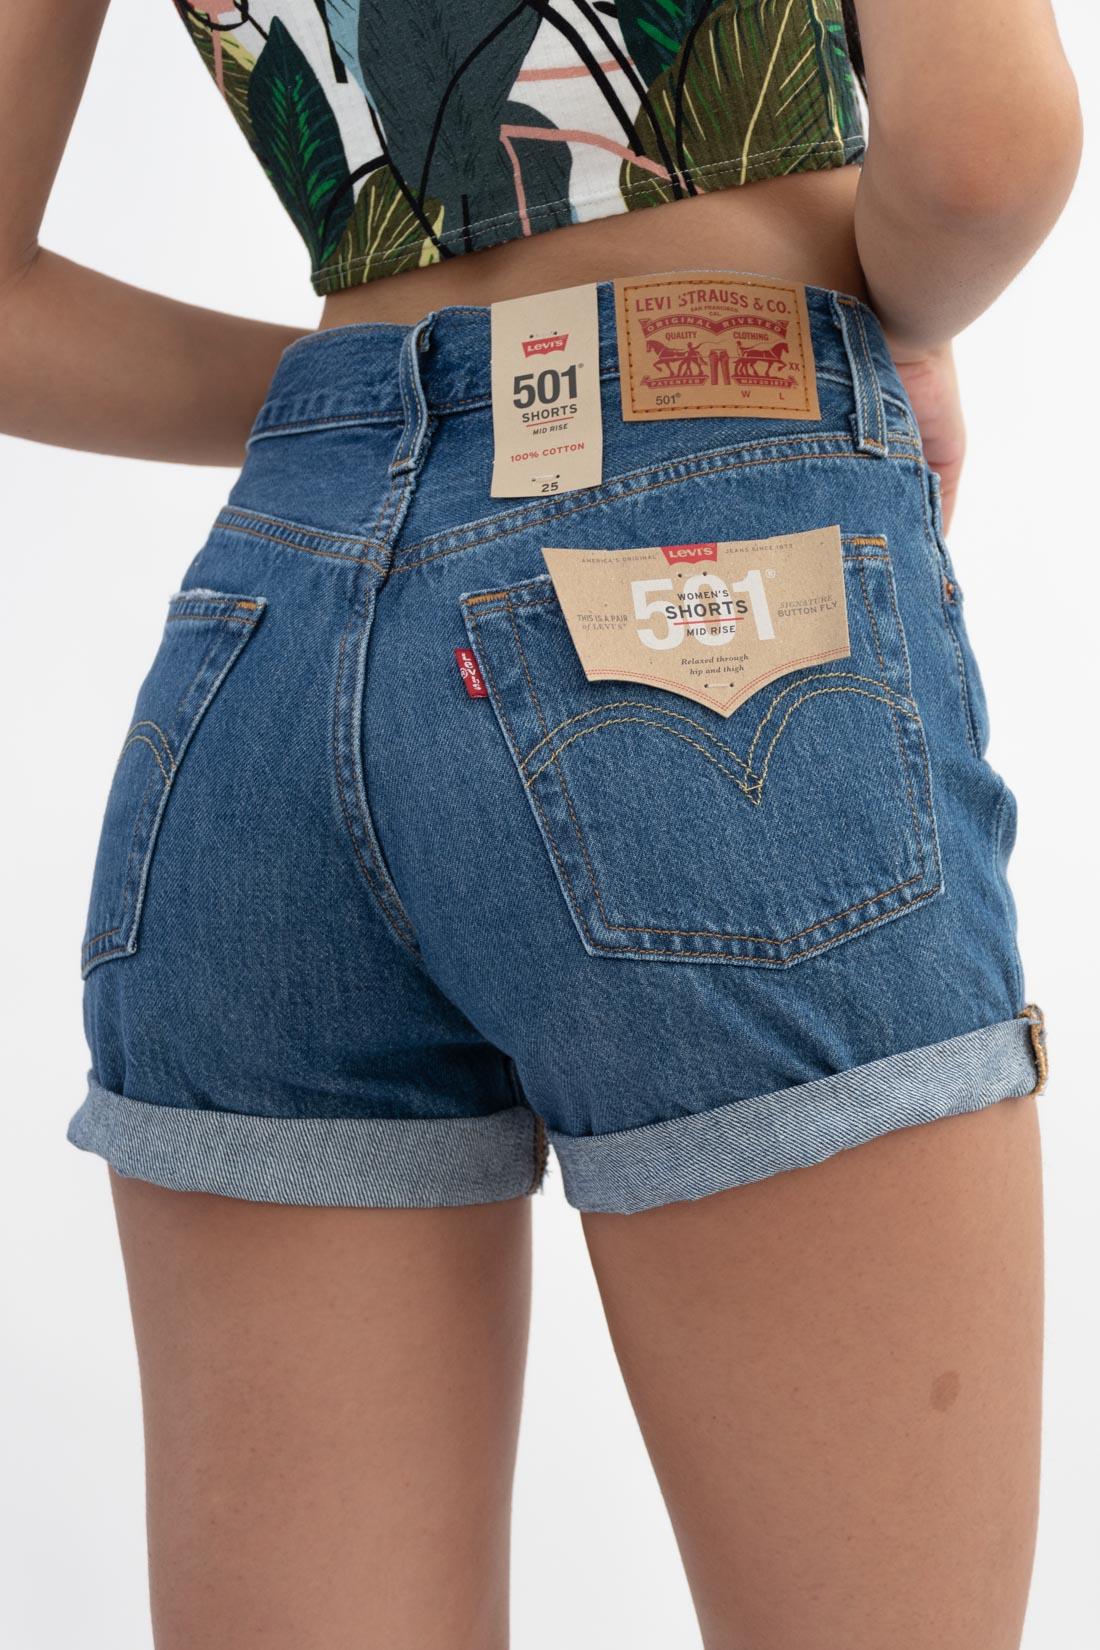 Shorts Jeans Levis 501 Mid Rise